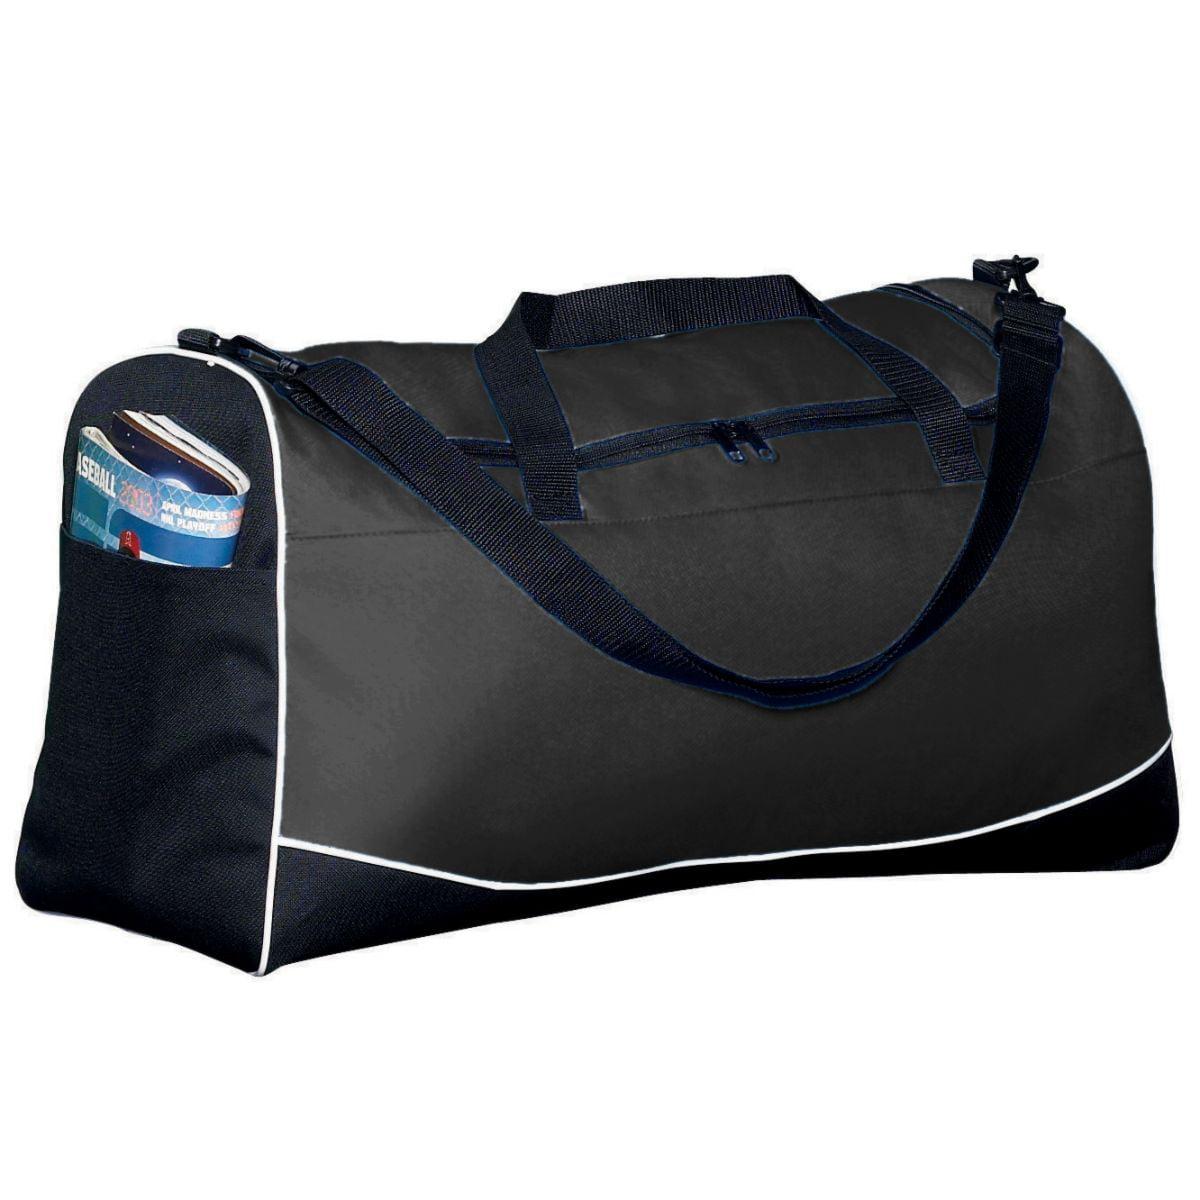 Augusta Large Tri-Color Sport Bag Bk/Bk/Wh Os - image 1 de 1